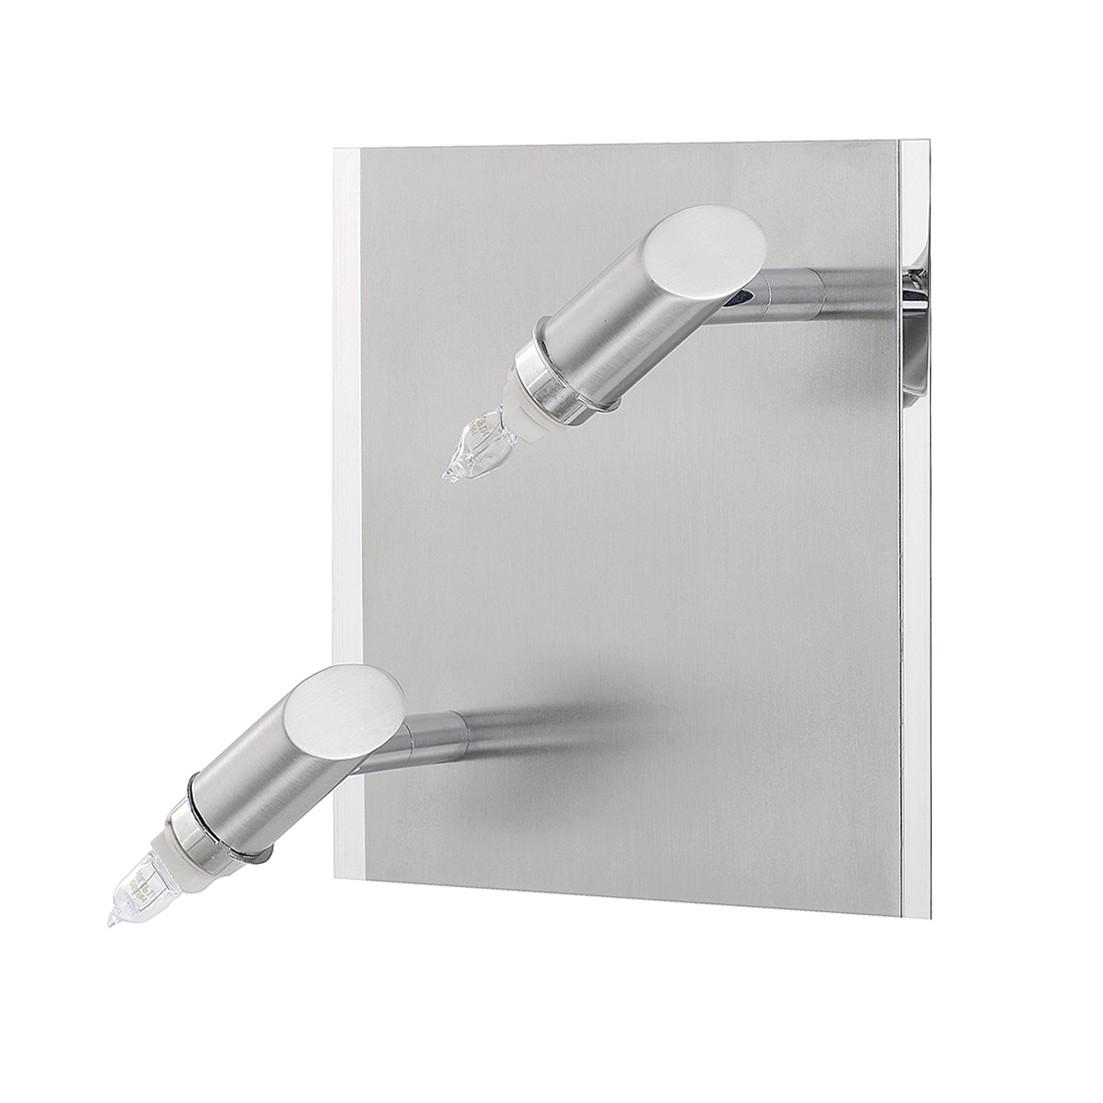 EEK C, Wandspot M6 Licht / Spot16 (ohne Glas) – Nickel/Metall – 2-flammig, Fischer Leuchten online bestellen